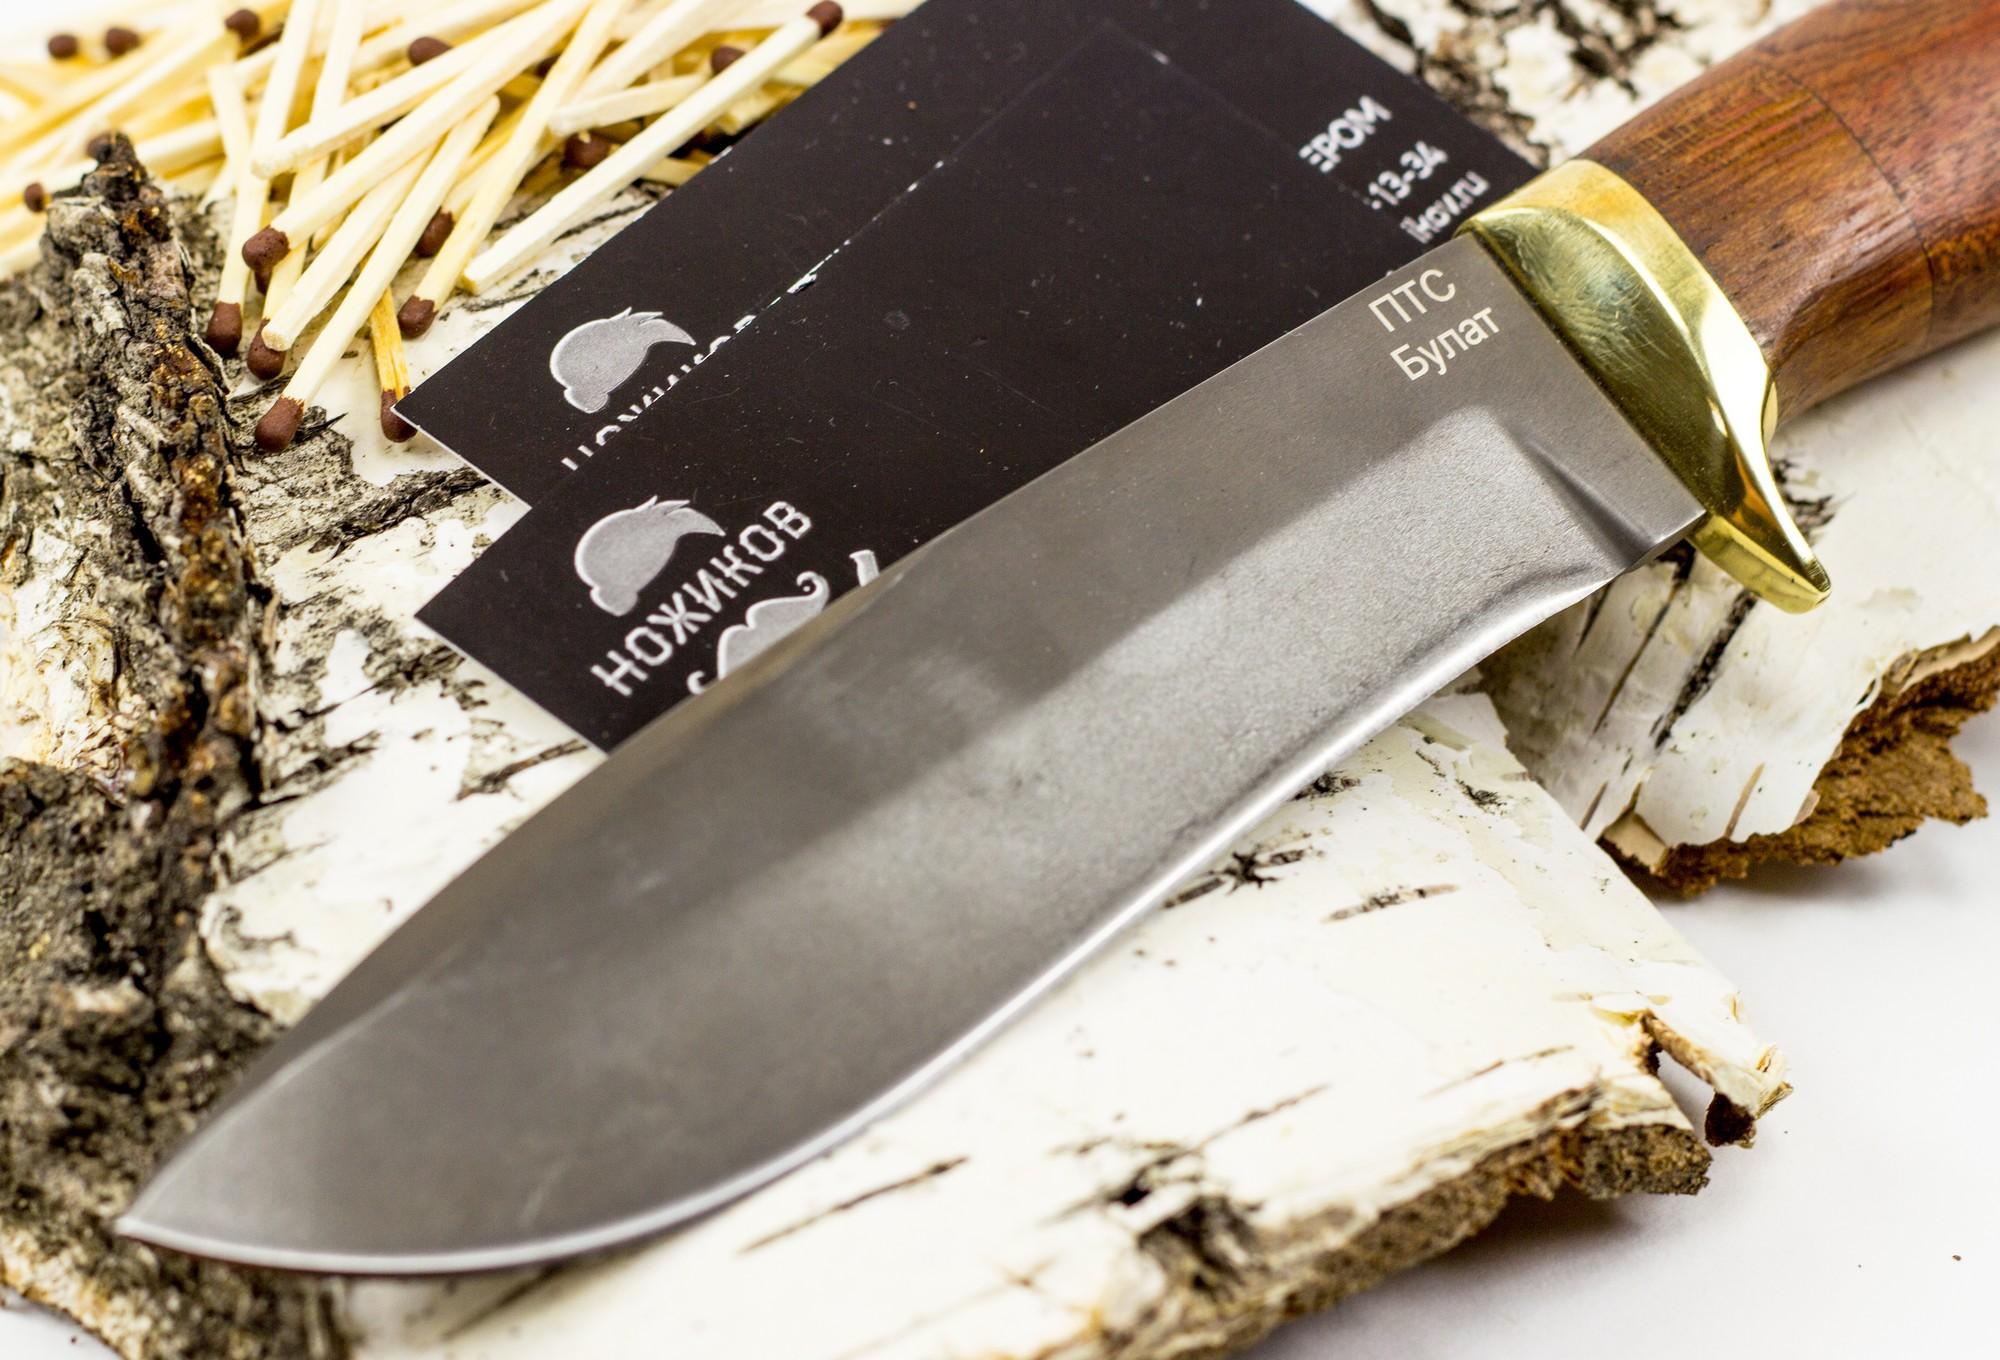 Фото 3 - Нож булатный Тюлень от Noname